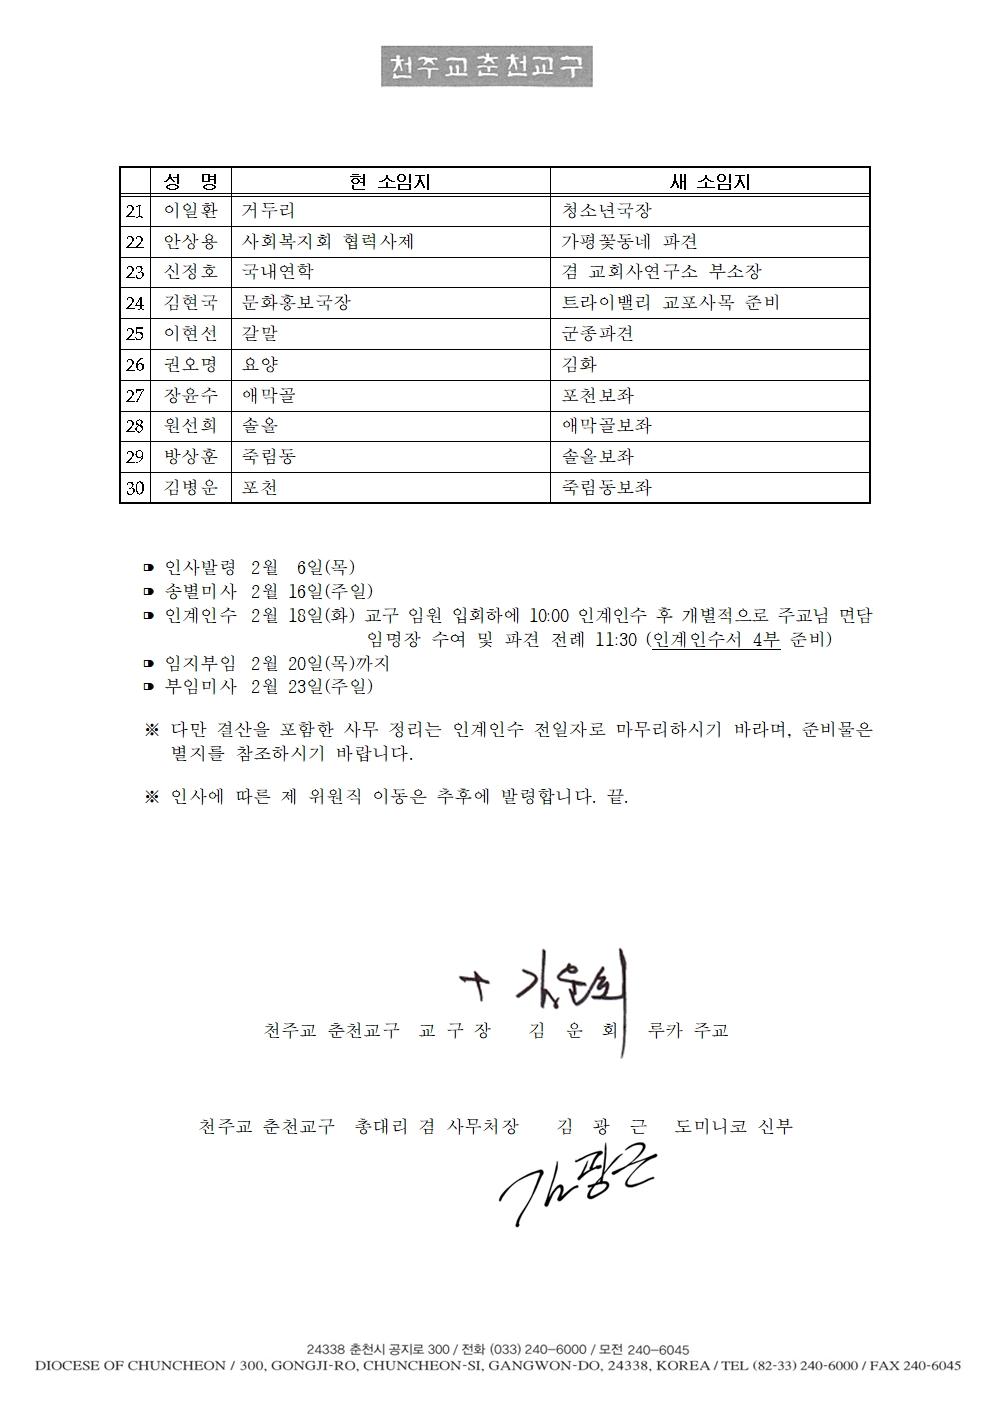 춘교 20-012호 사제 정기 인사002.jpg